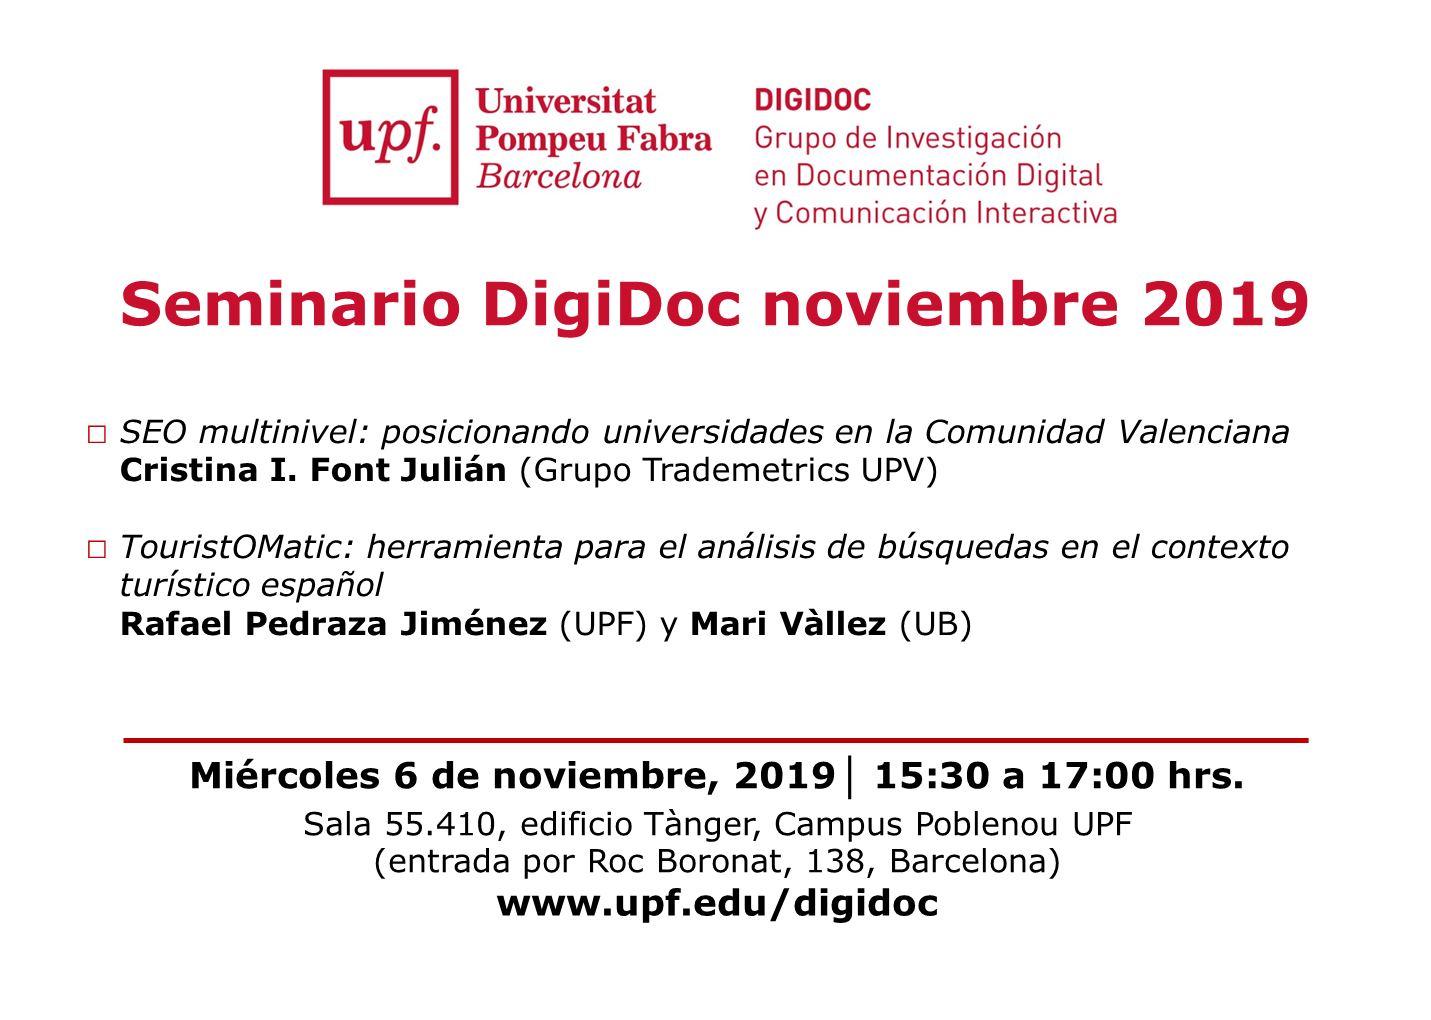 Semianrio Digidoc noviembre 2019